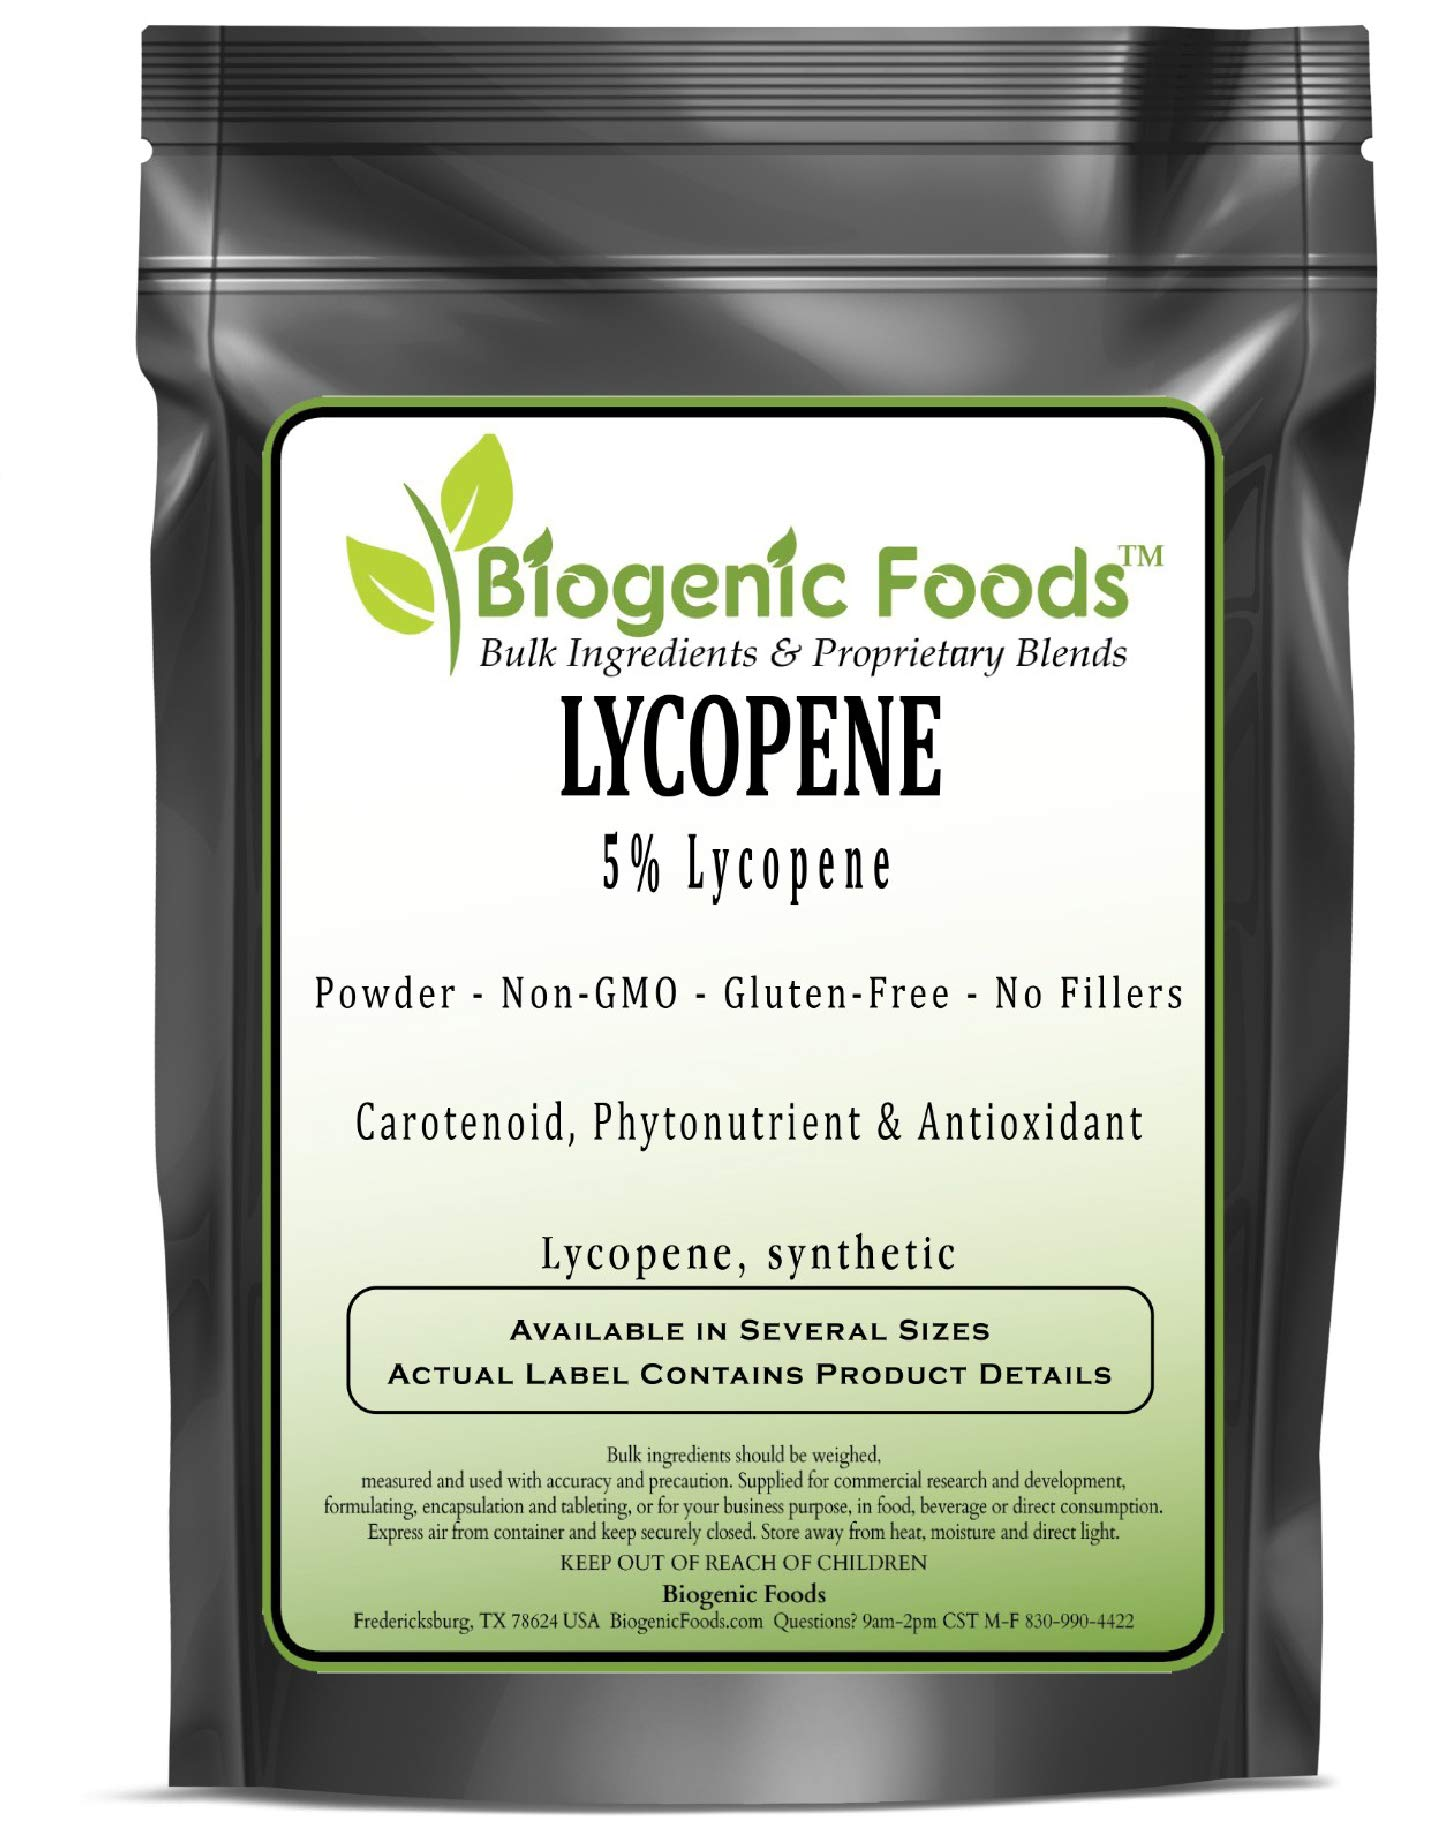 Lycopene - 5% Lycopene Powder Extract (Lycopene, Synthetic), 1 kg